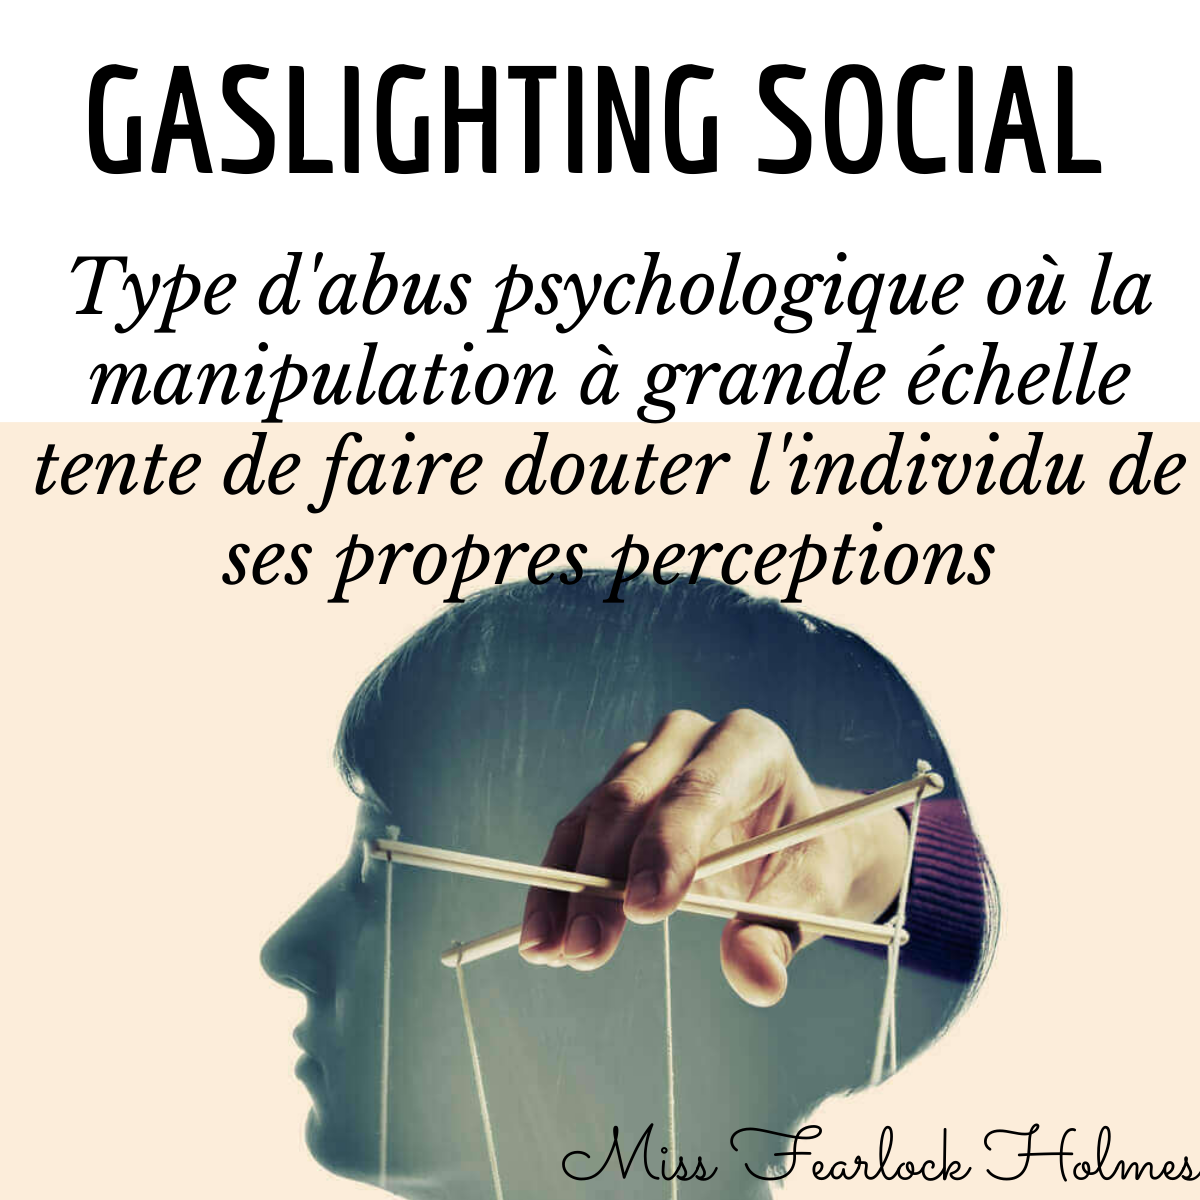 Gaslighting social